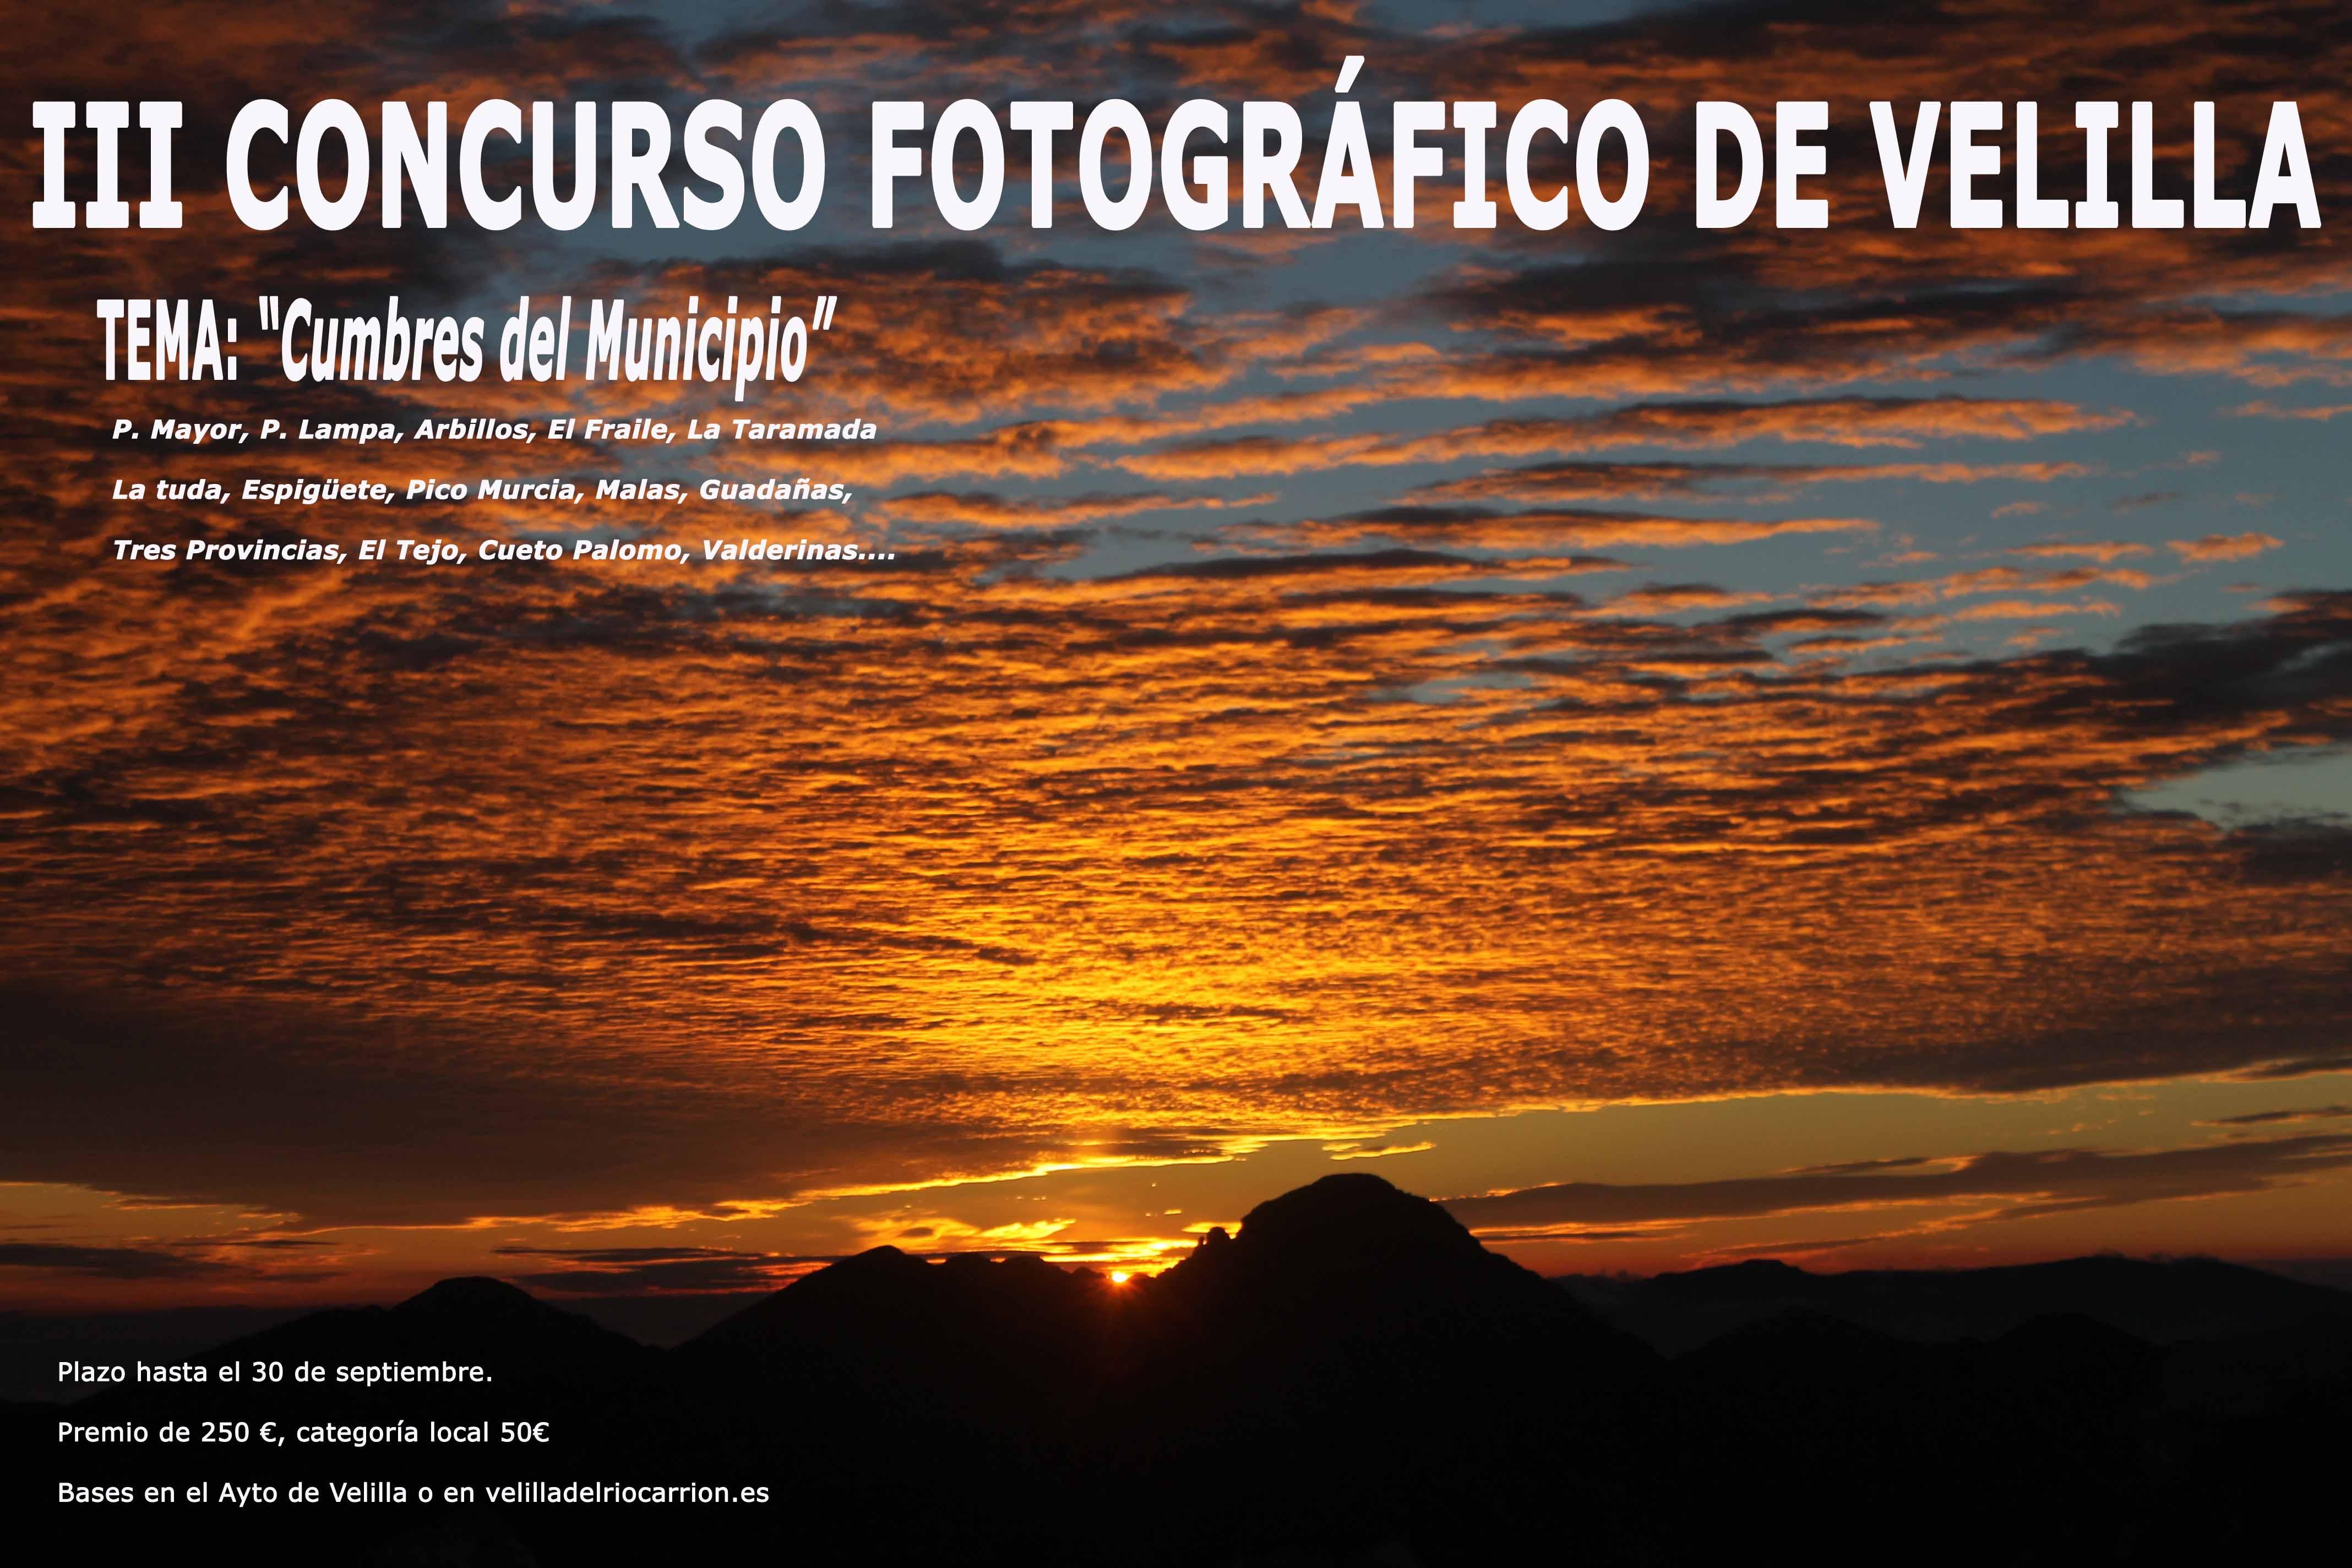 III CONCURSO FOTOGRÁFICO DE VELILLA